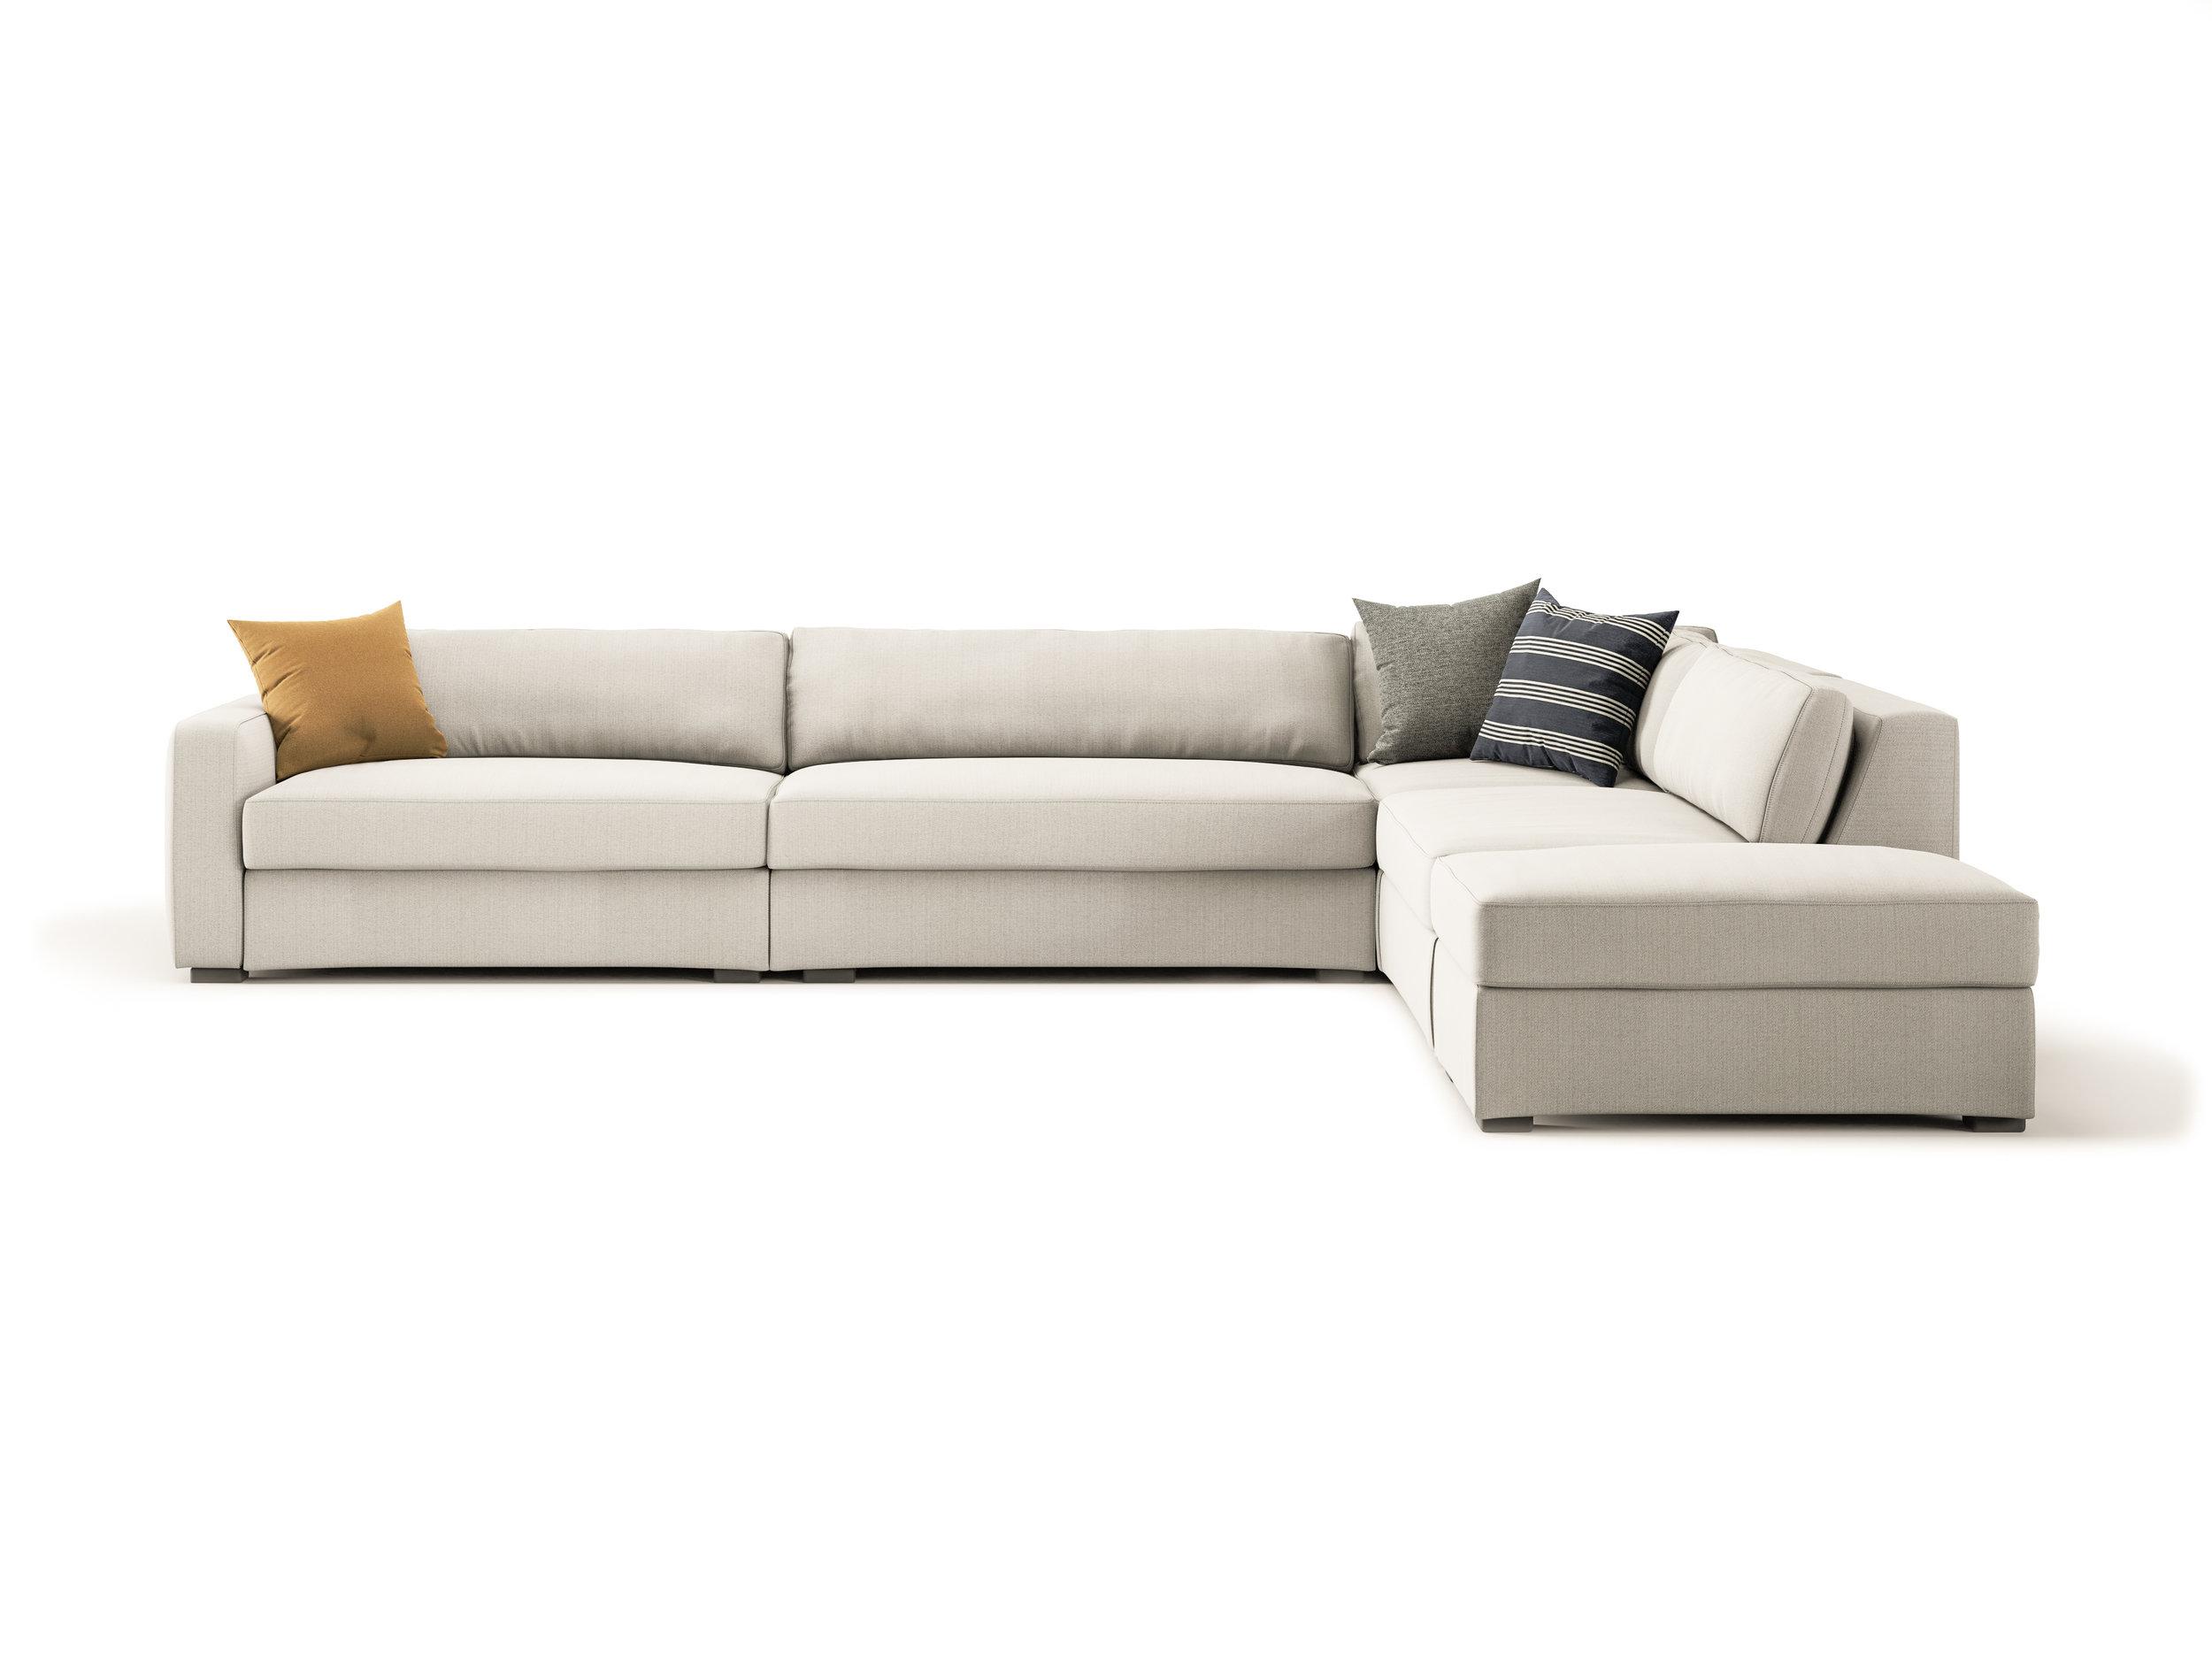 Sofa-Noorden-Sam-076.jpg